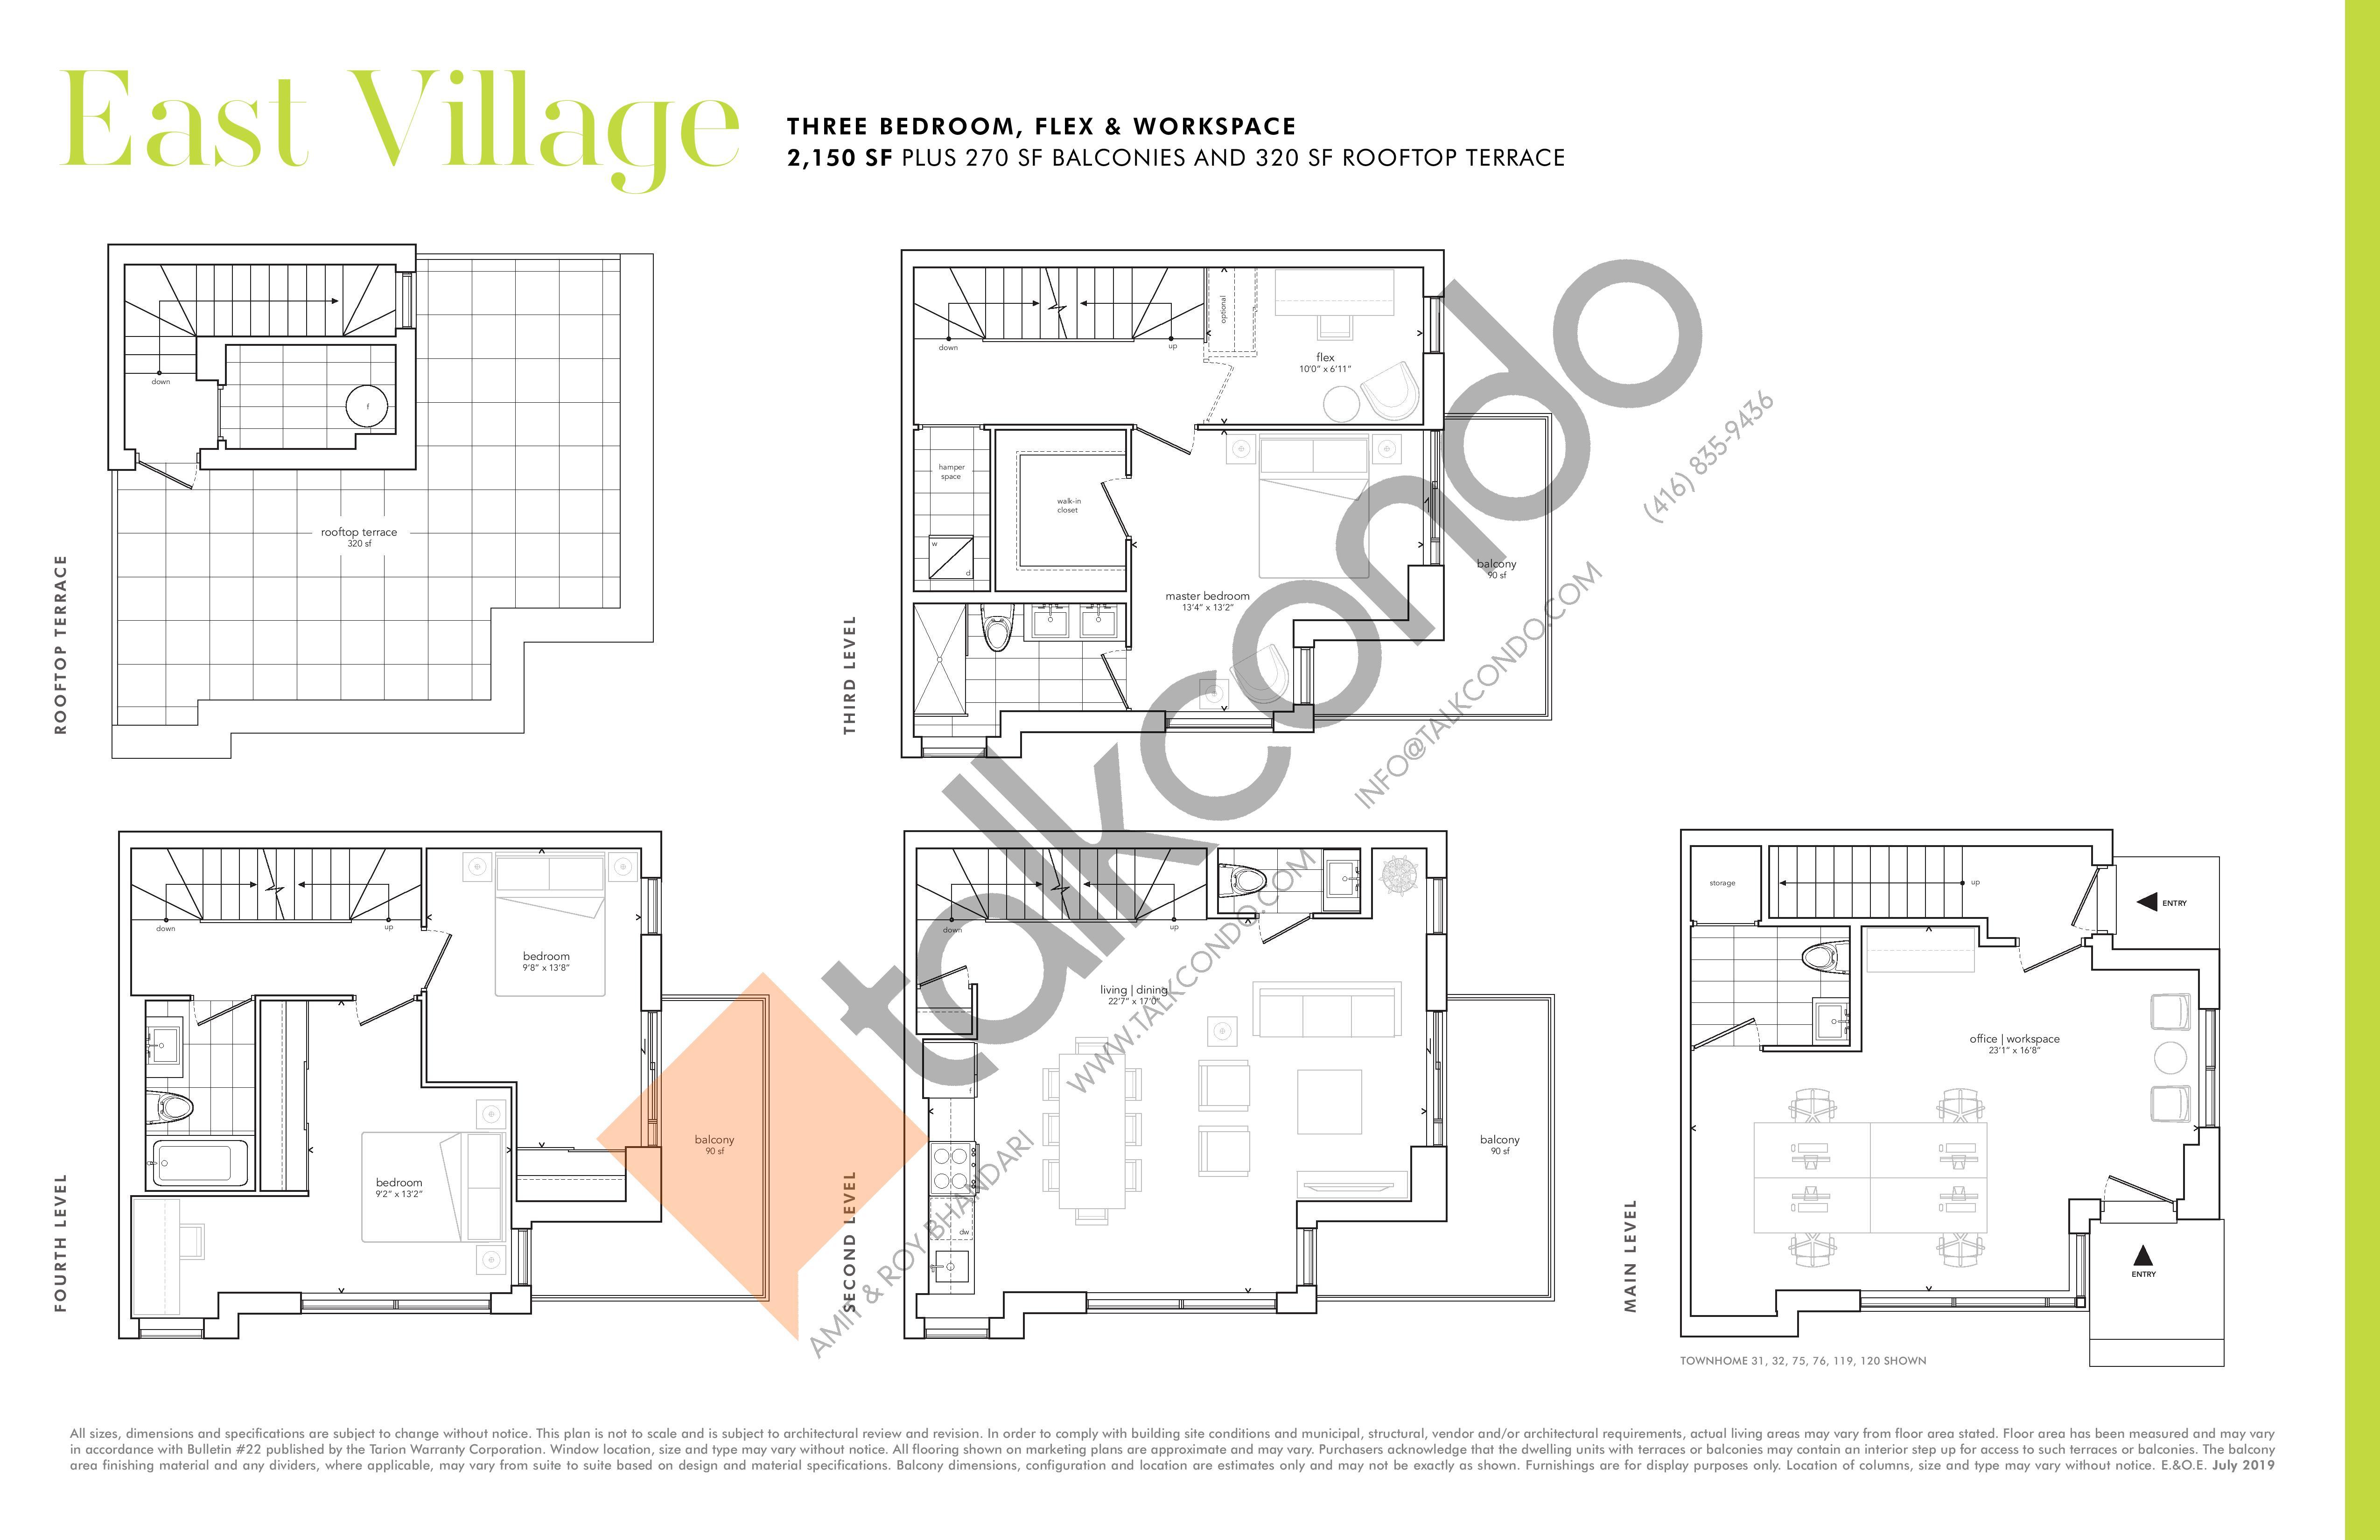 East Village (3 bdrm) Floor Plan at Greenwich Village Towns - 2150 sq.ft